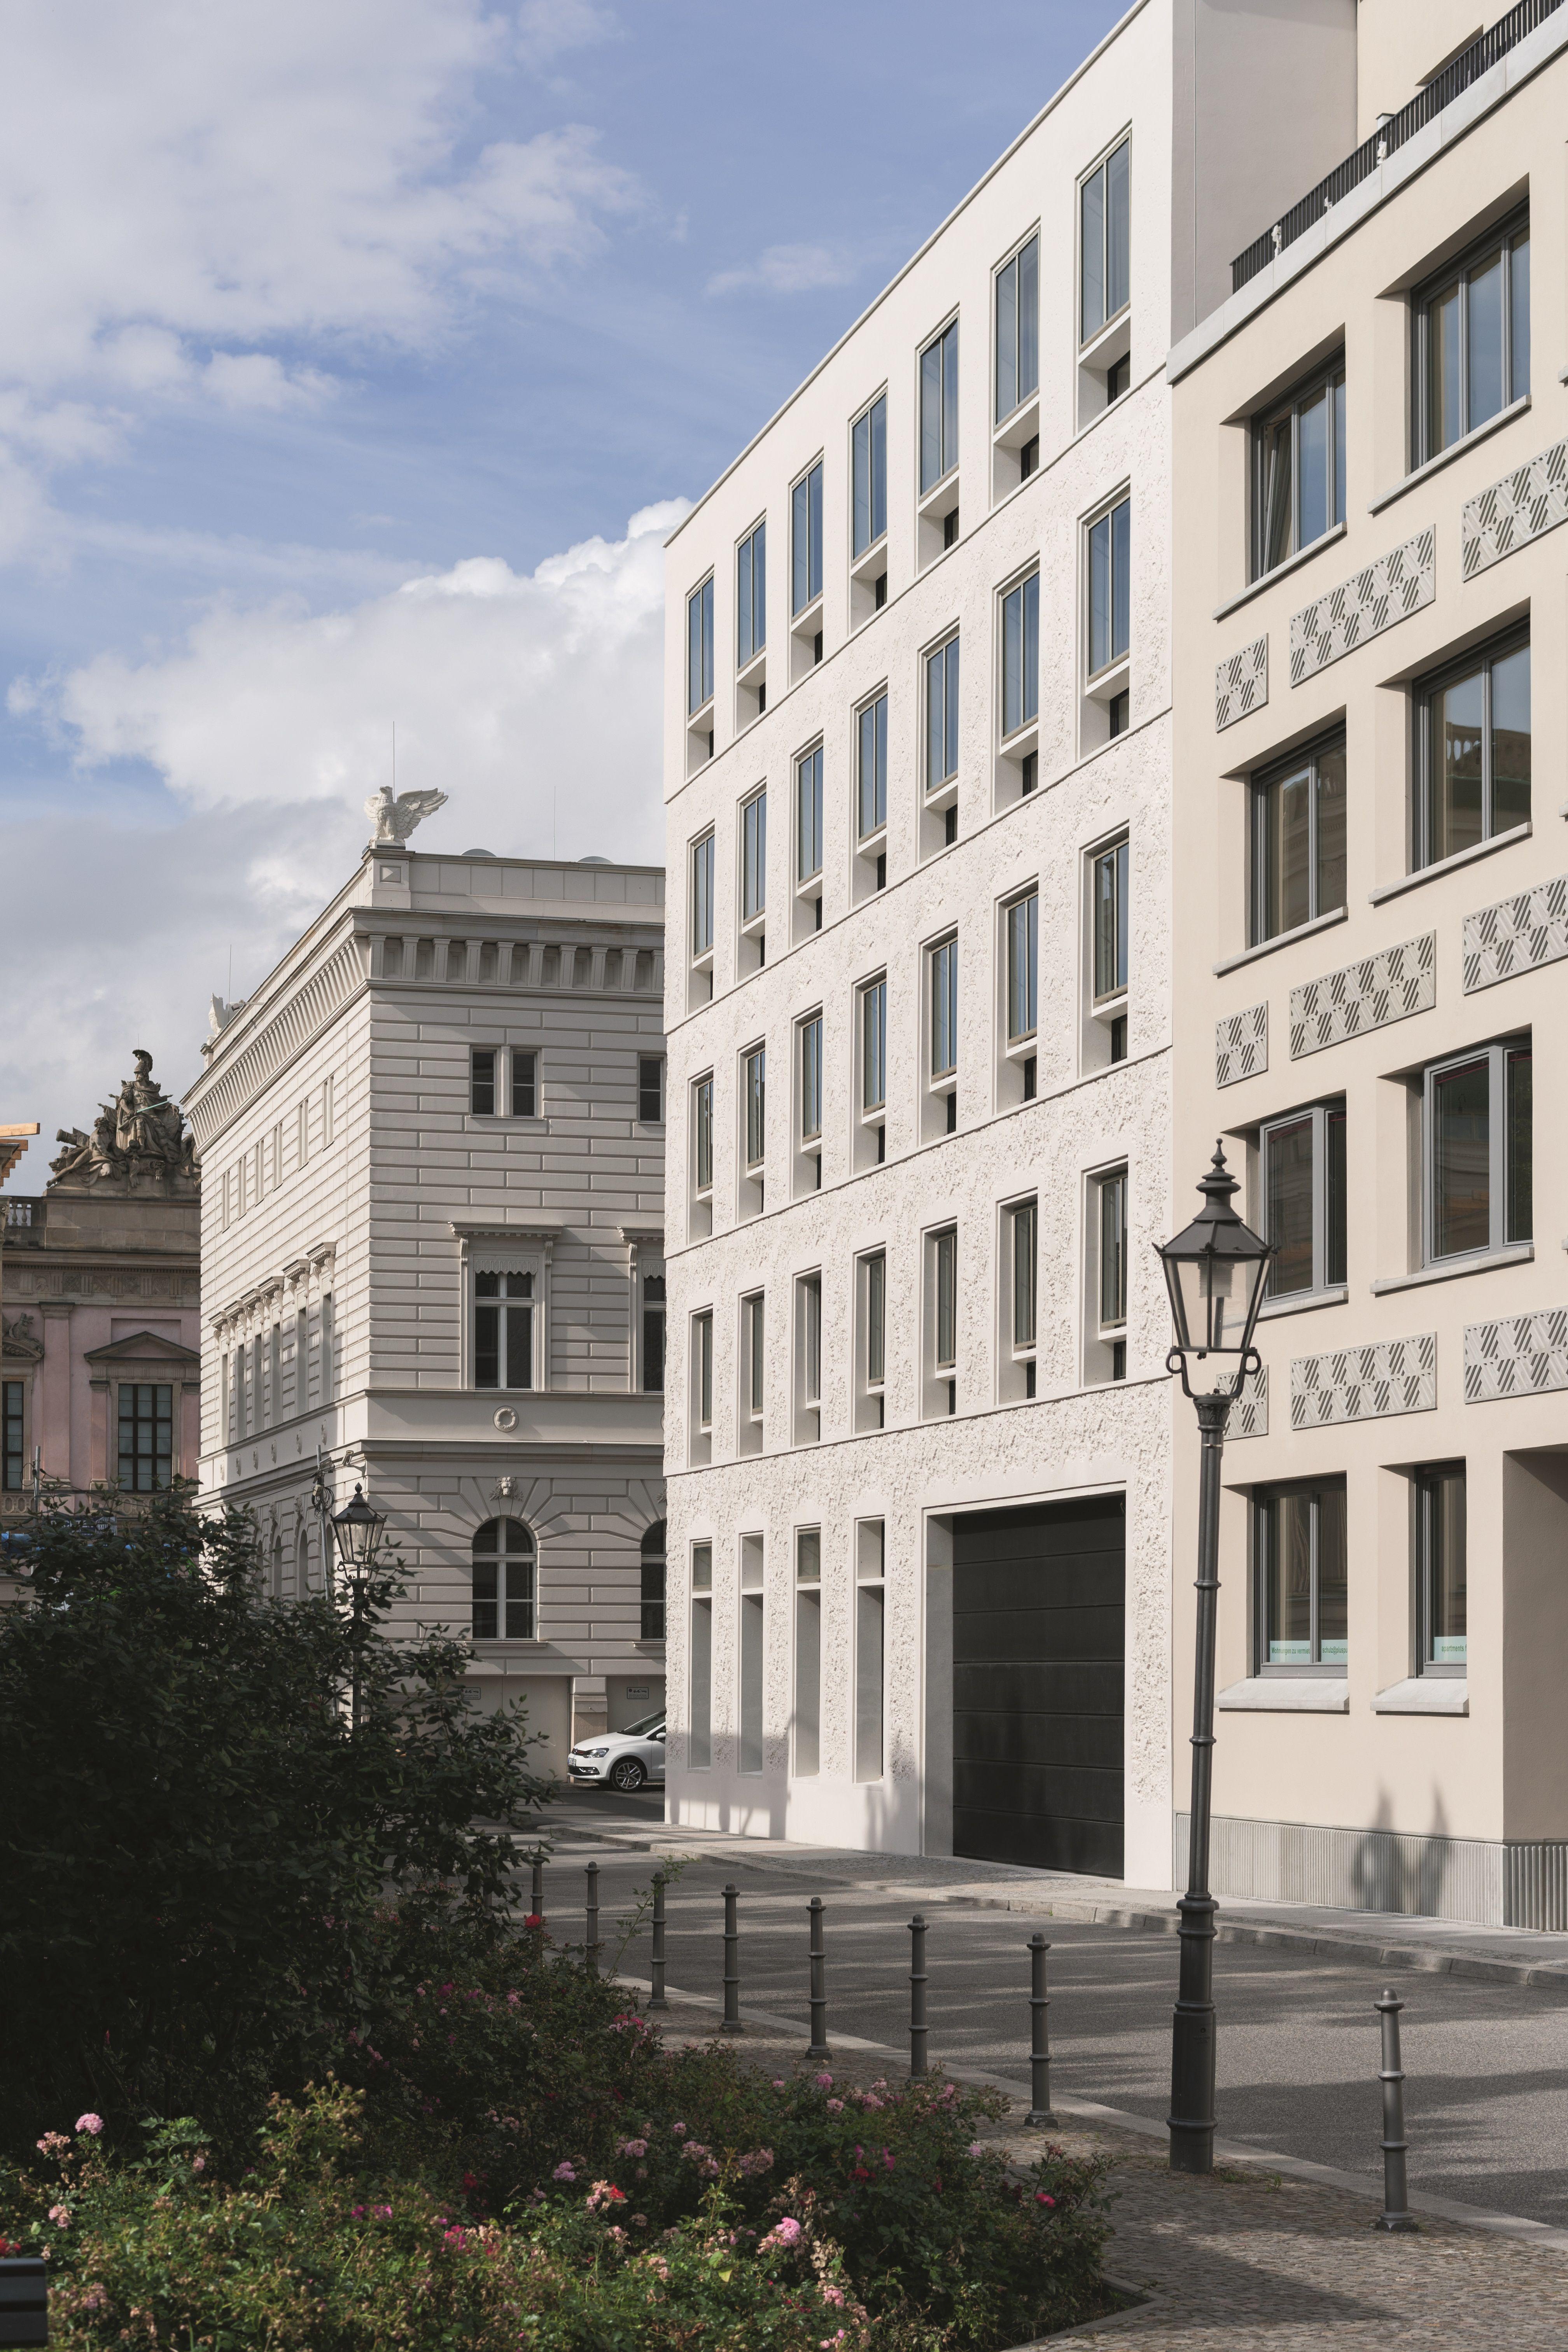 reckli individualstrukturen schinkelplatz berlin deutschland architekt staab architekten. Black Bedroom Furniture Sets. Home Design Ideas